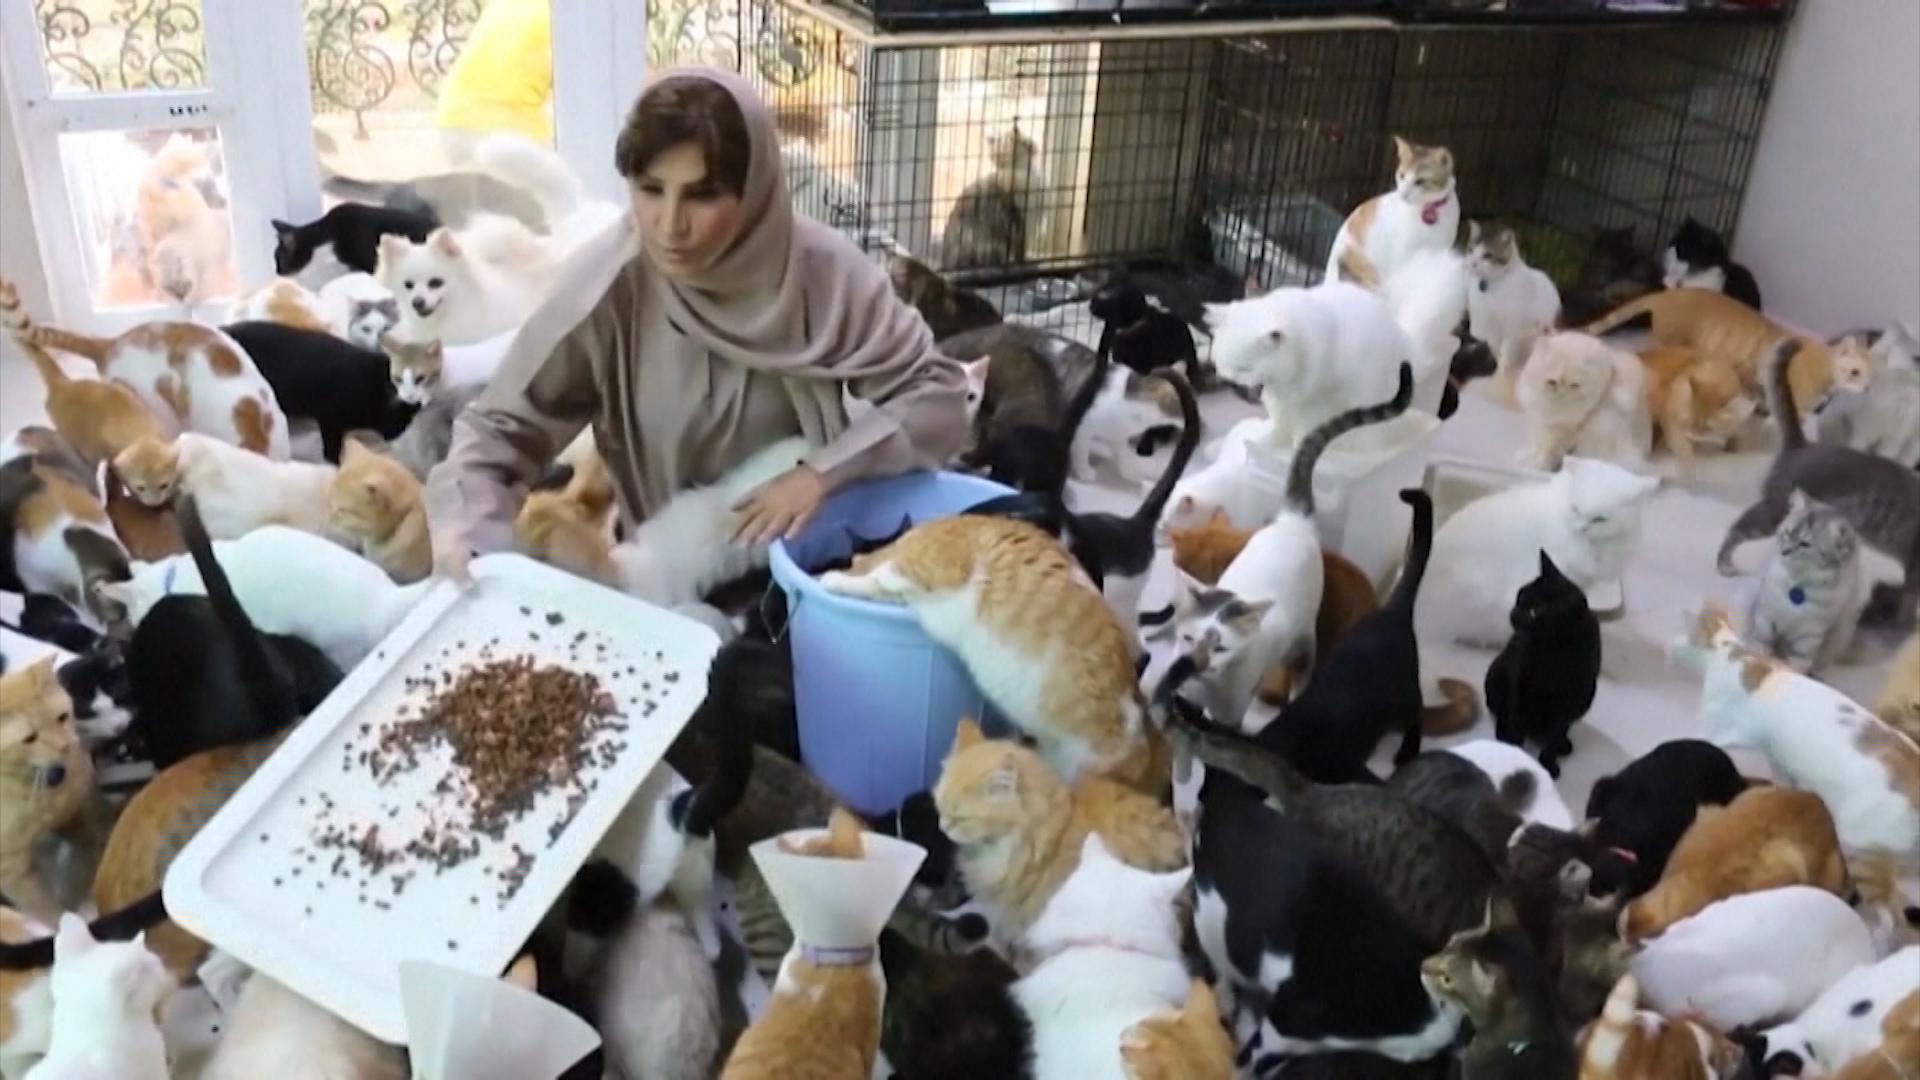 Мариам аль-Балуши держит дома 480 кошек и 12 собак